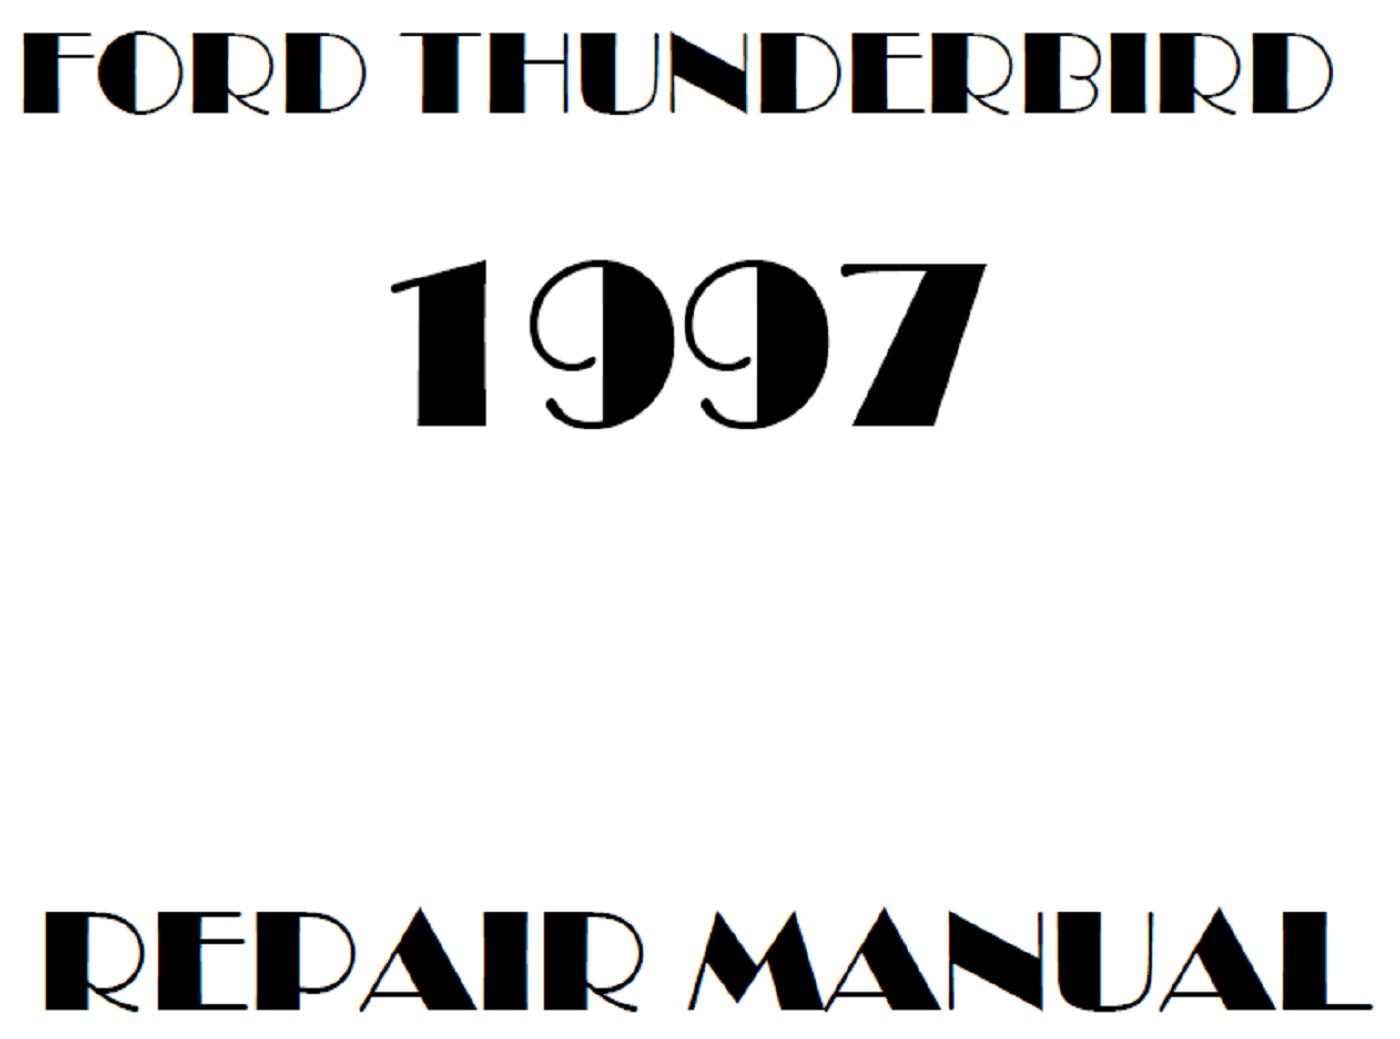 1997 Ford Thunderbird repair manual